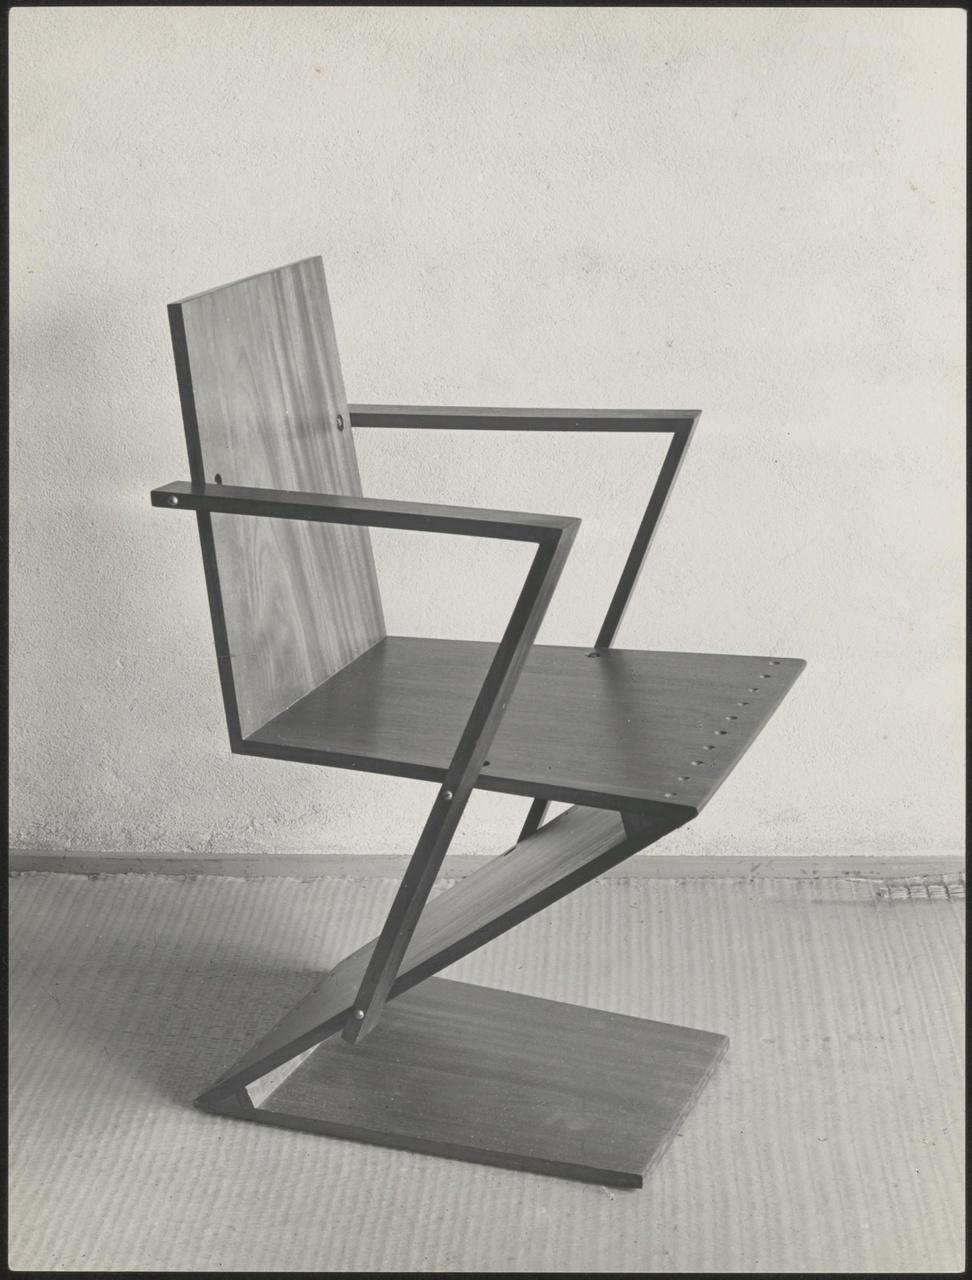 Afbeelding van zigzagstoel met armleuningen